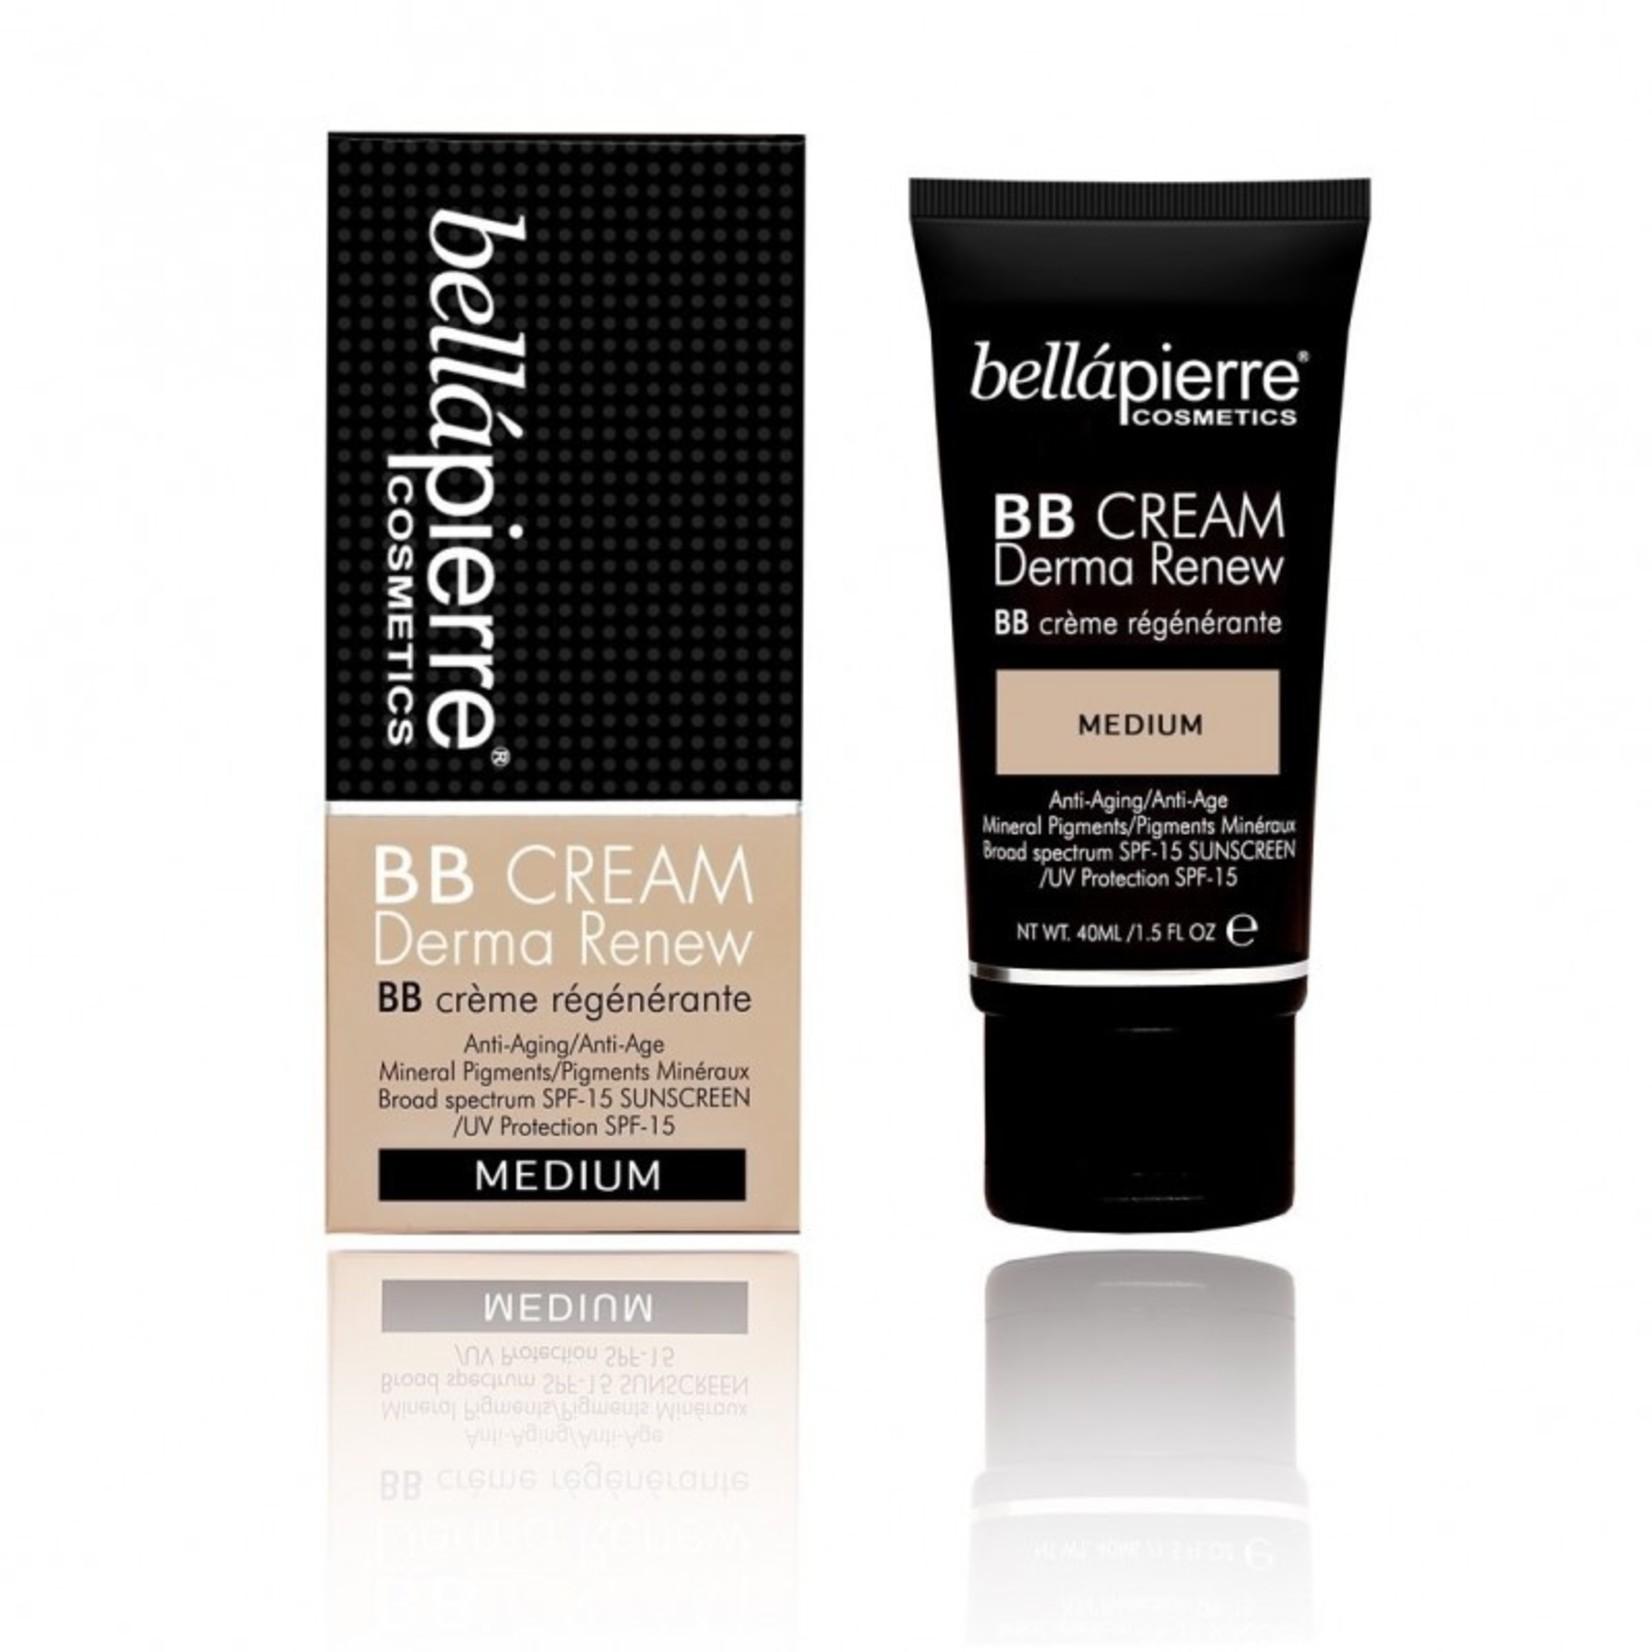 Bellapierre BB cream - Medium